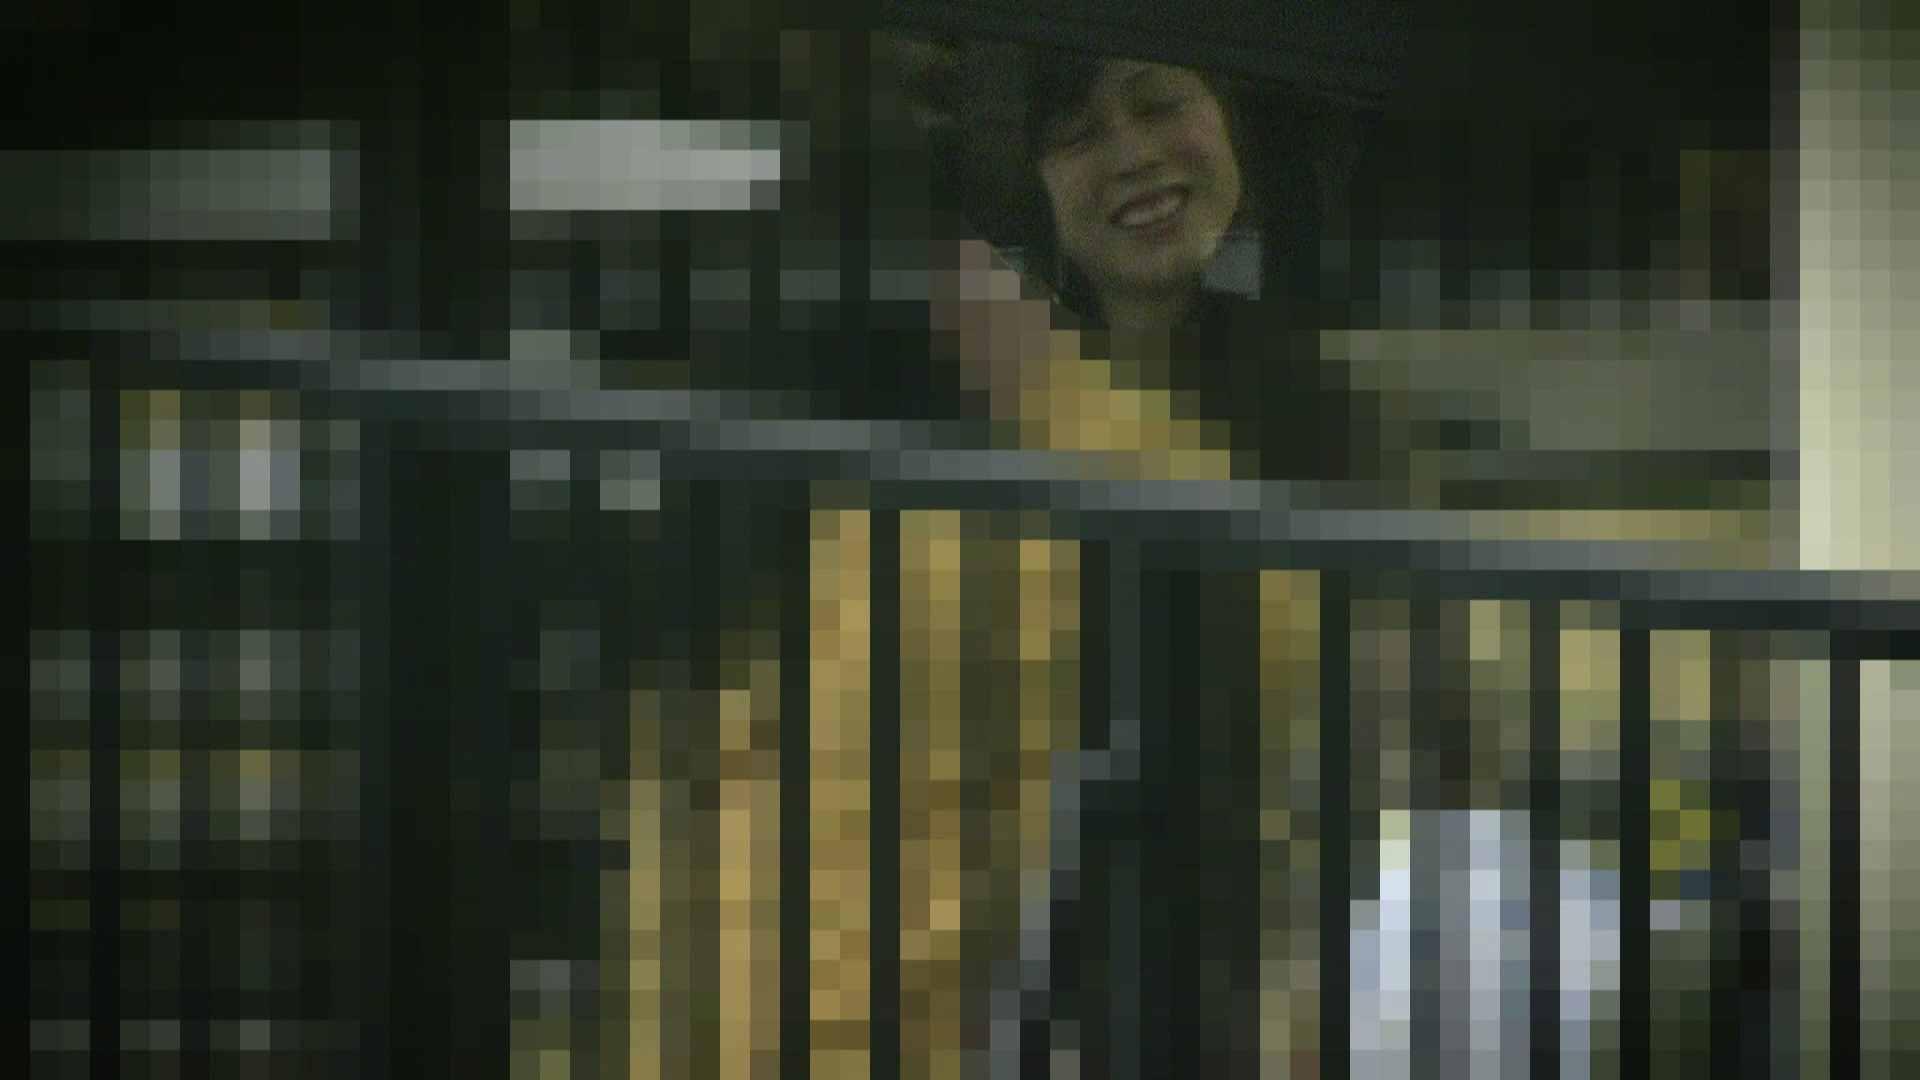 高画質露天女風呂観察 vol.006 入浴 アダルト動画キャプチャ 98PIX 71